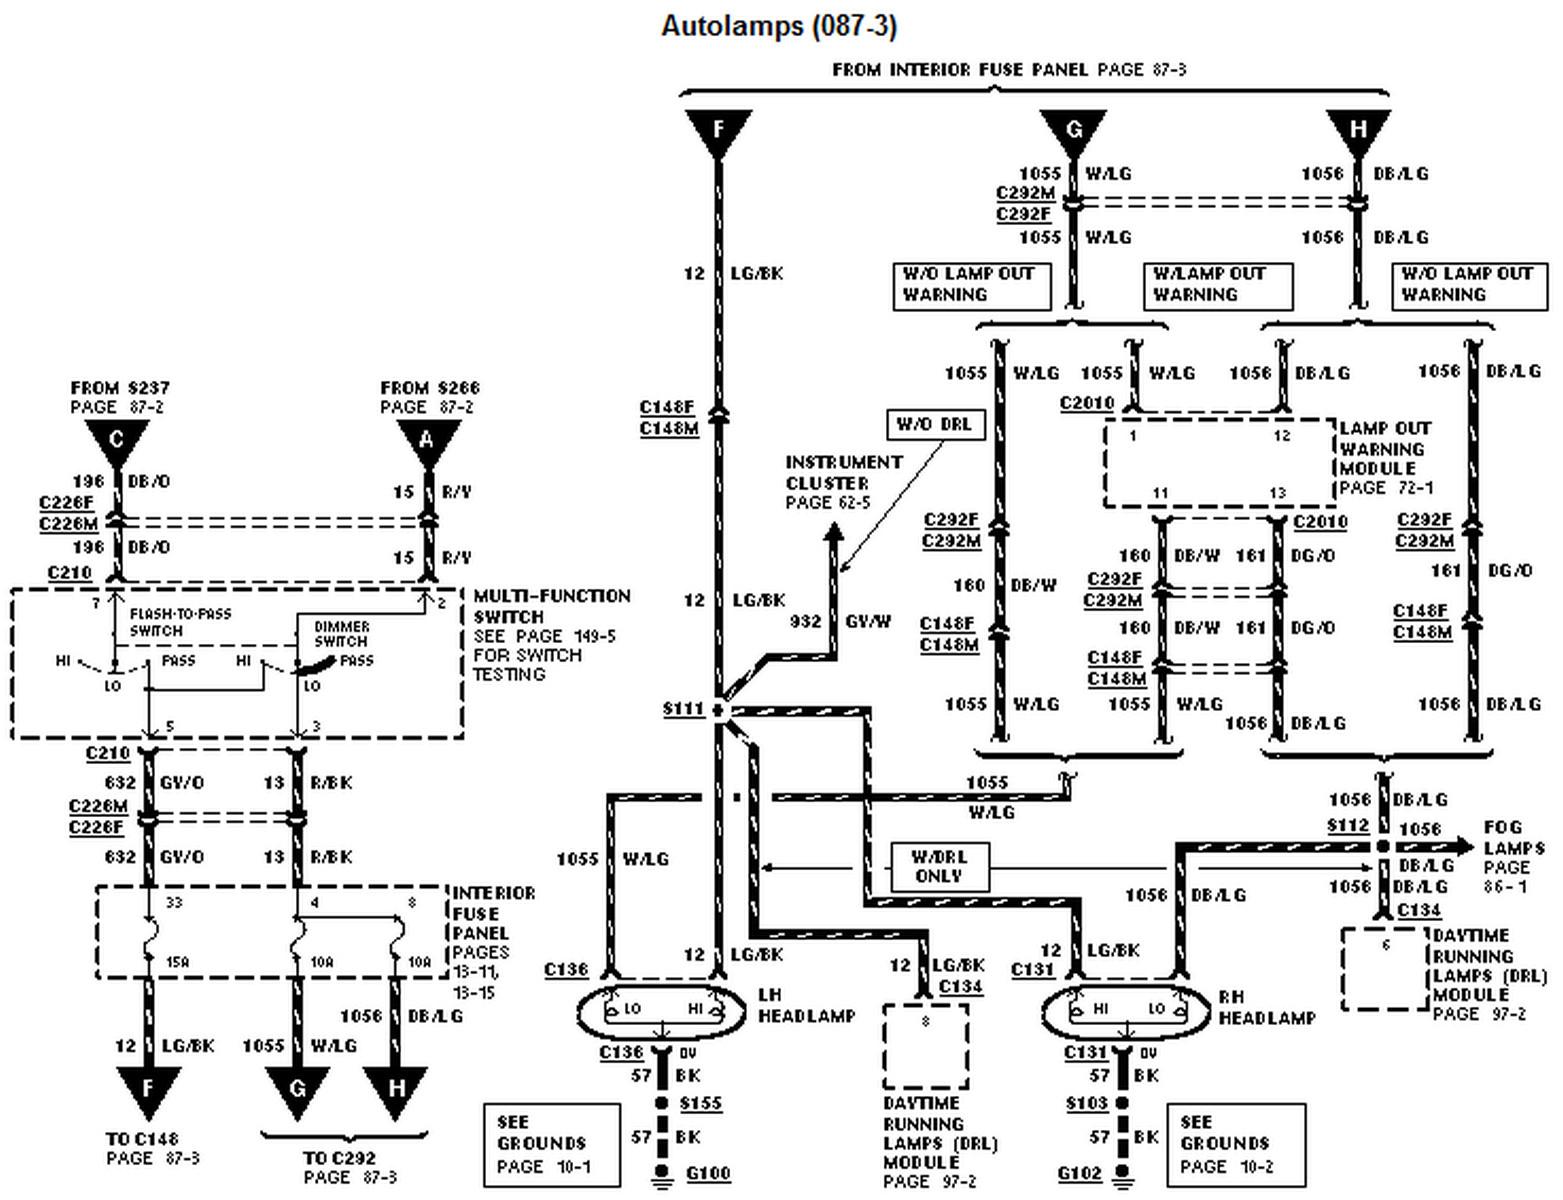 nesecito el diagrama electrico de la ford explorer 1997